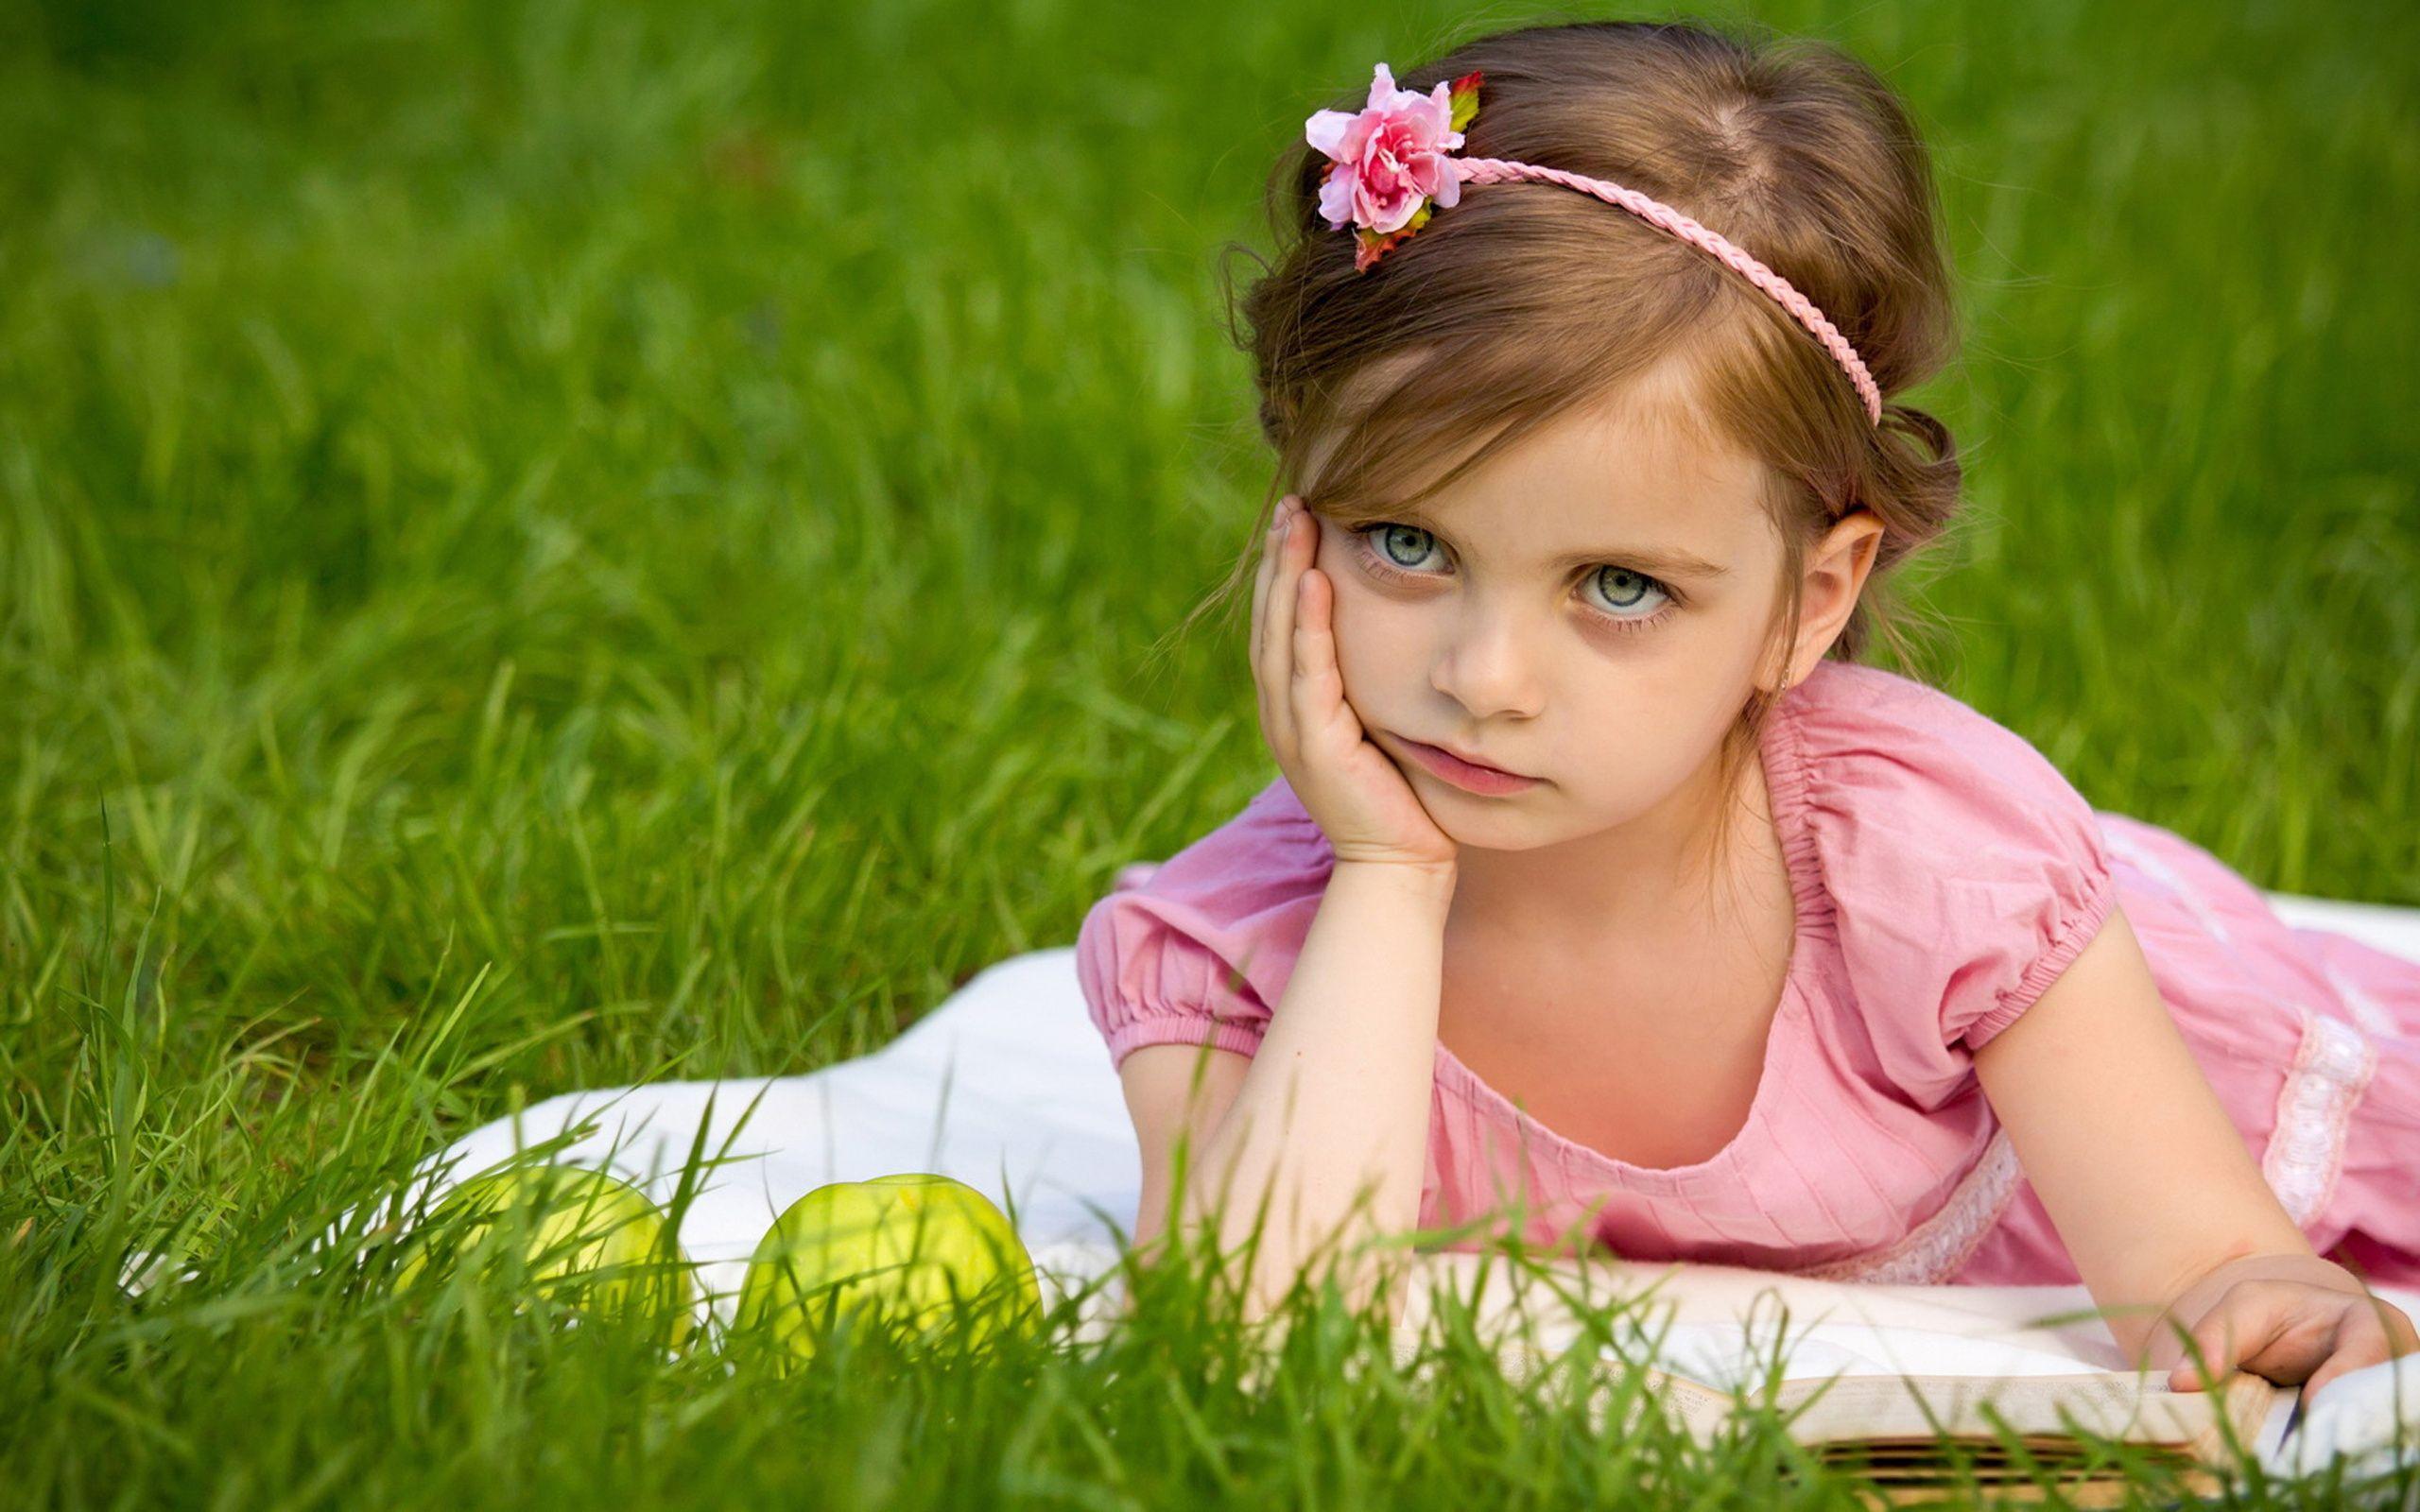 Cute Little Girl   Baby Photos   Pinterest   Wallpaper ...